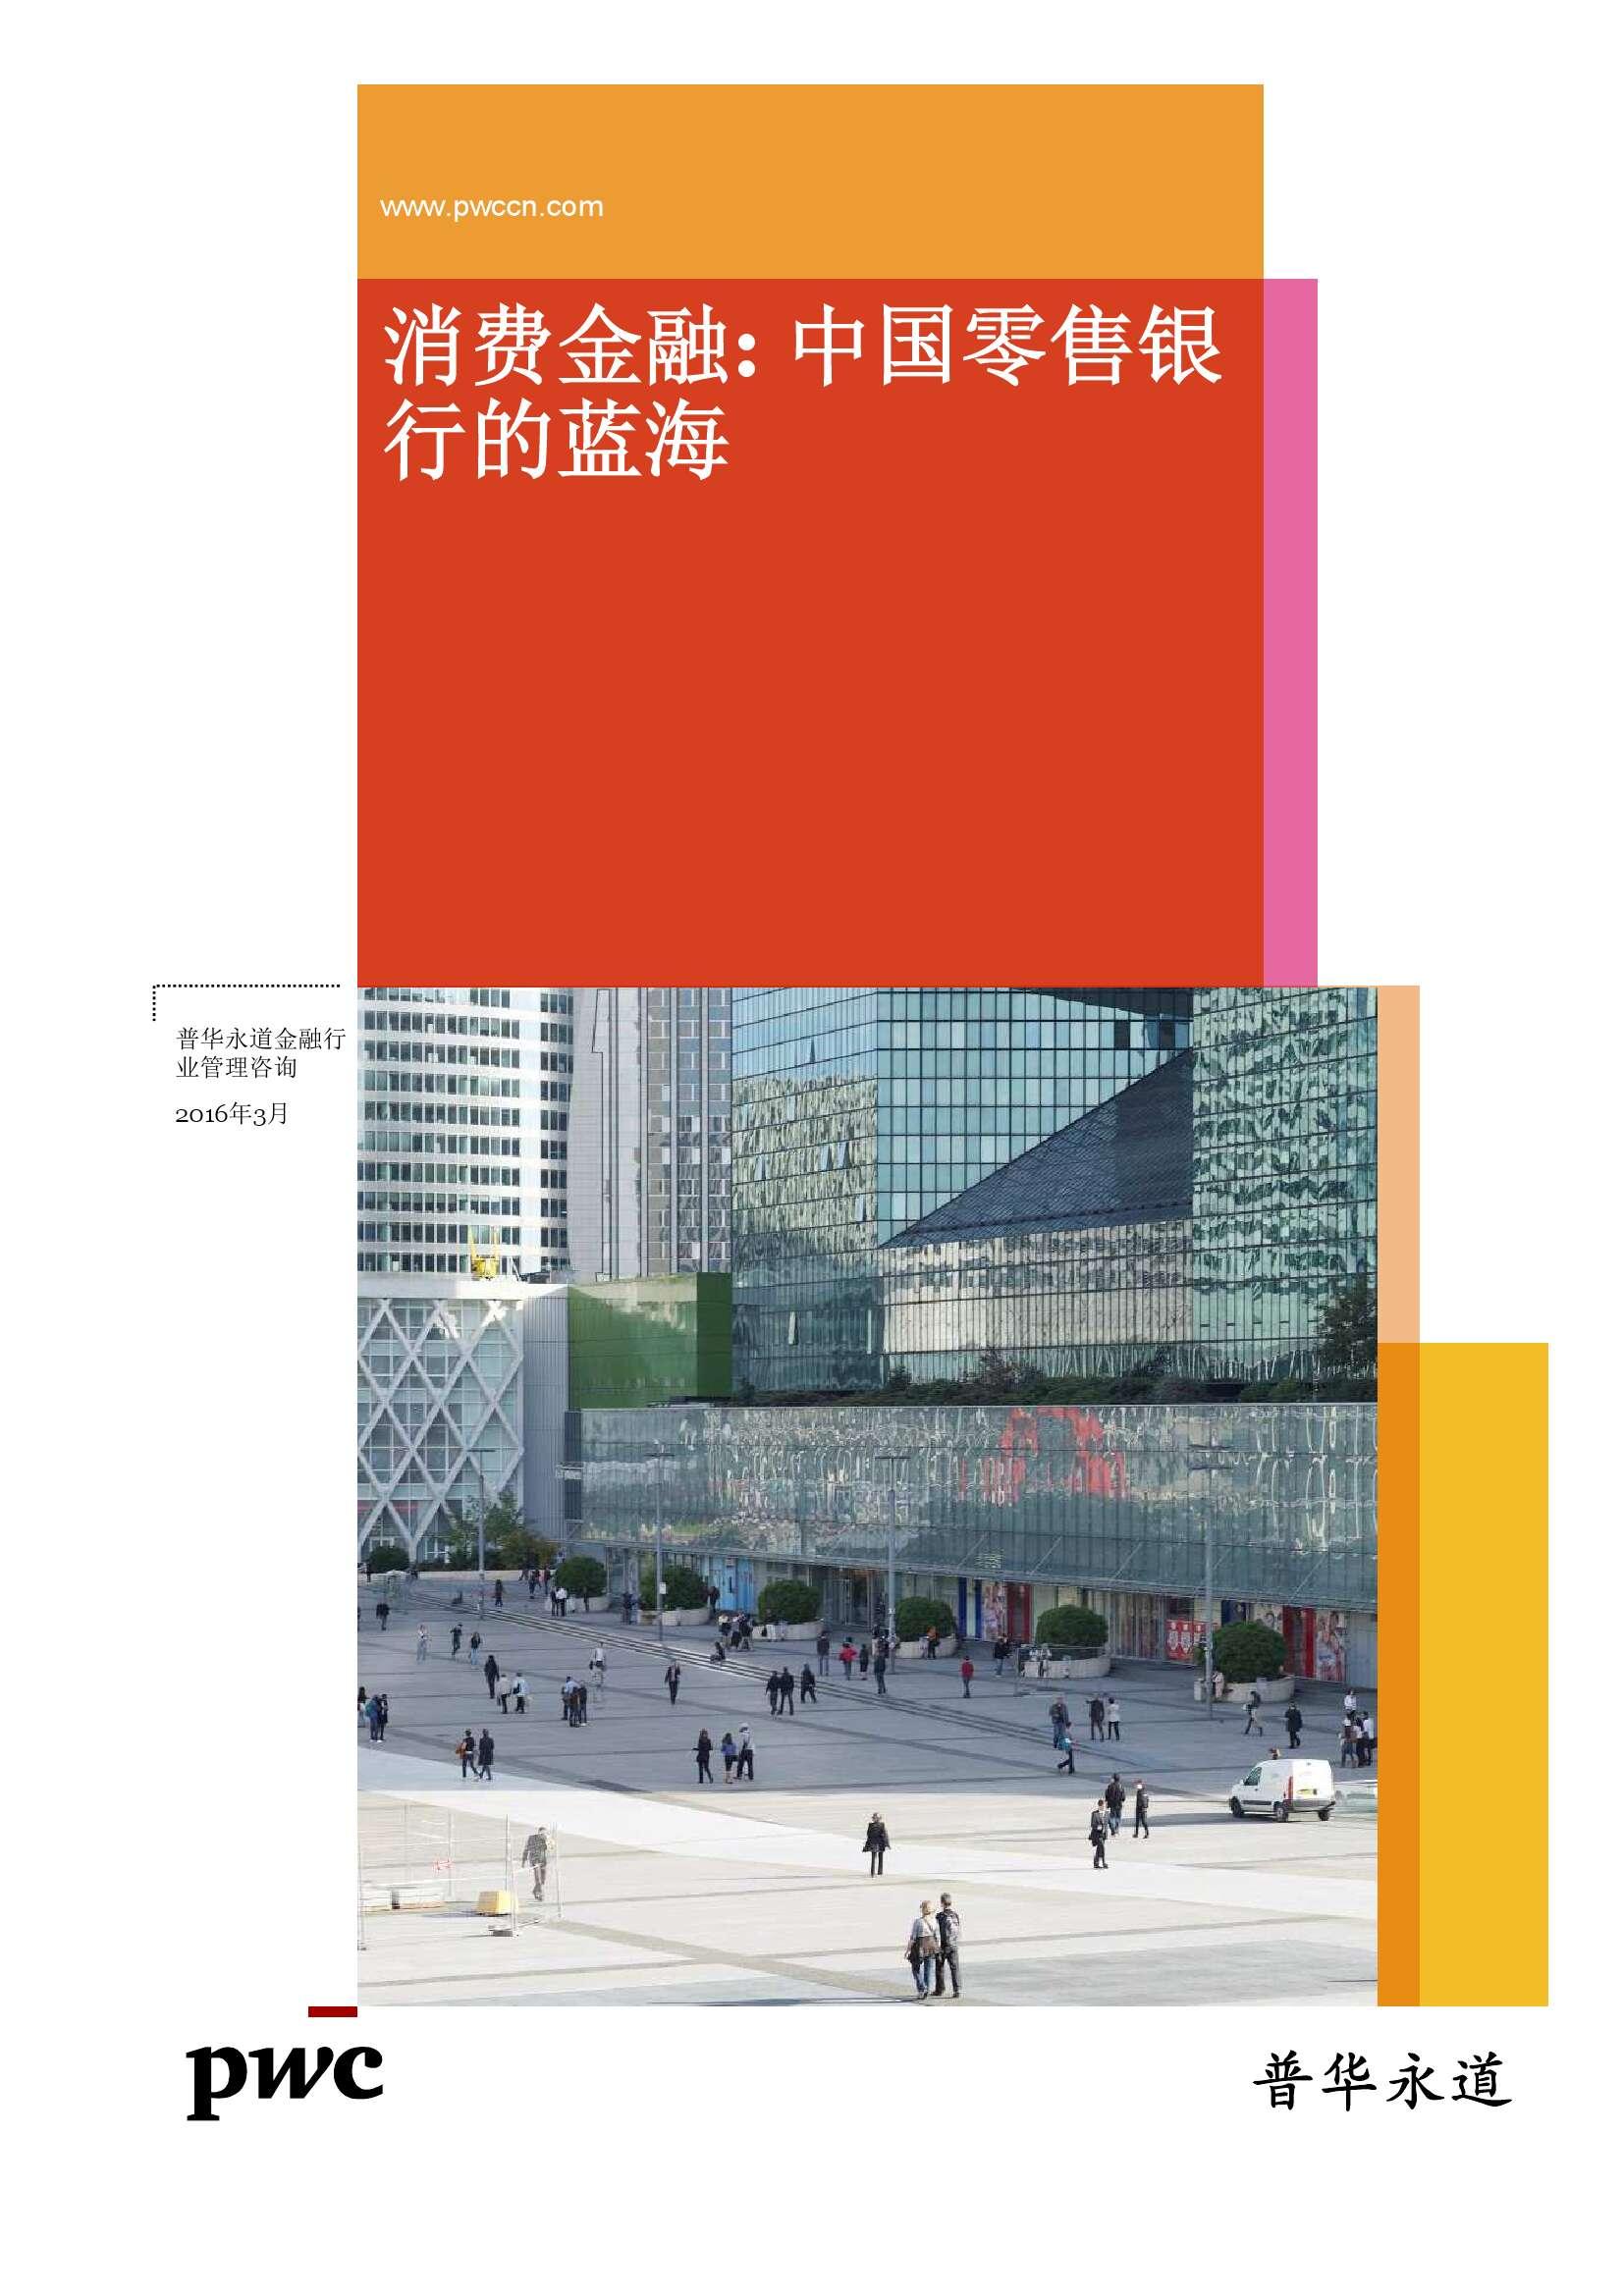 中国零售银行的蓝海_000001